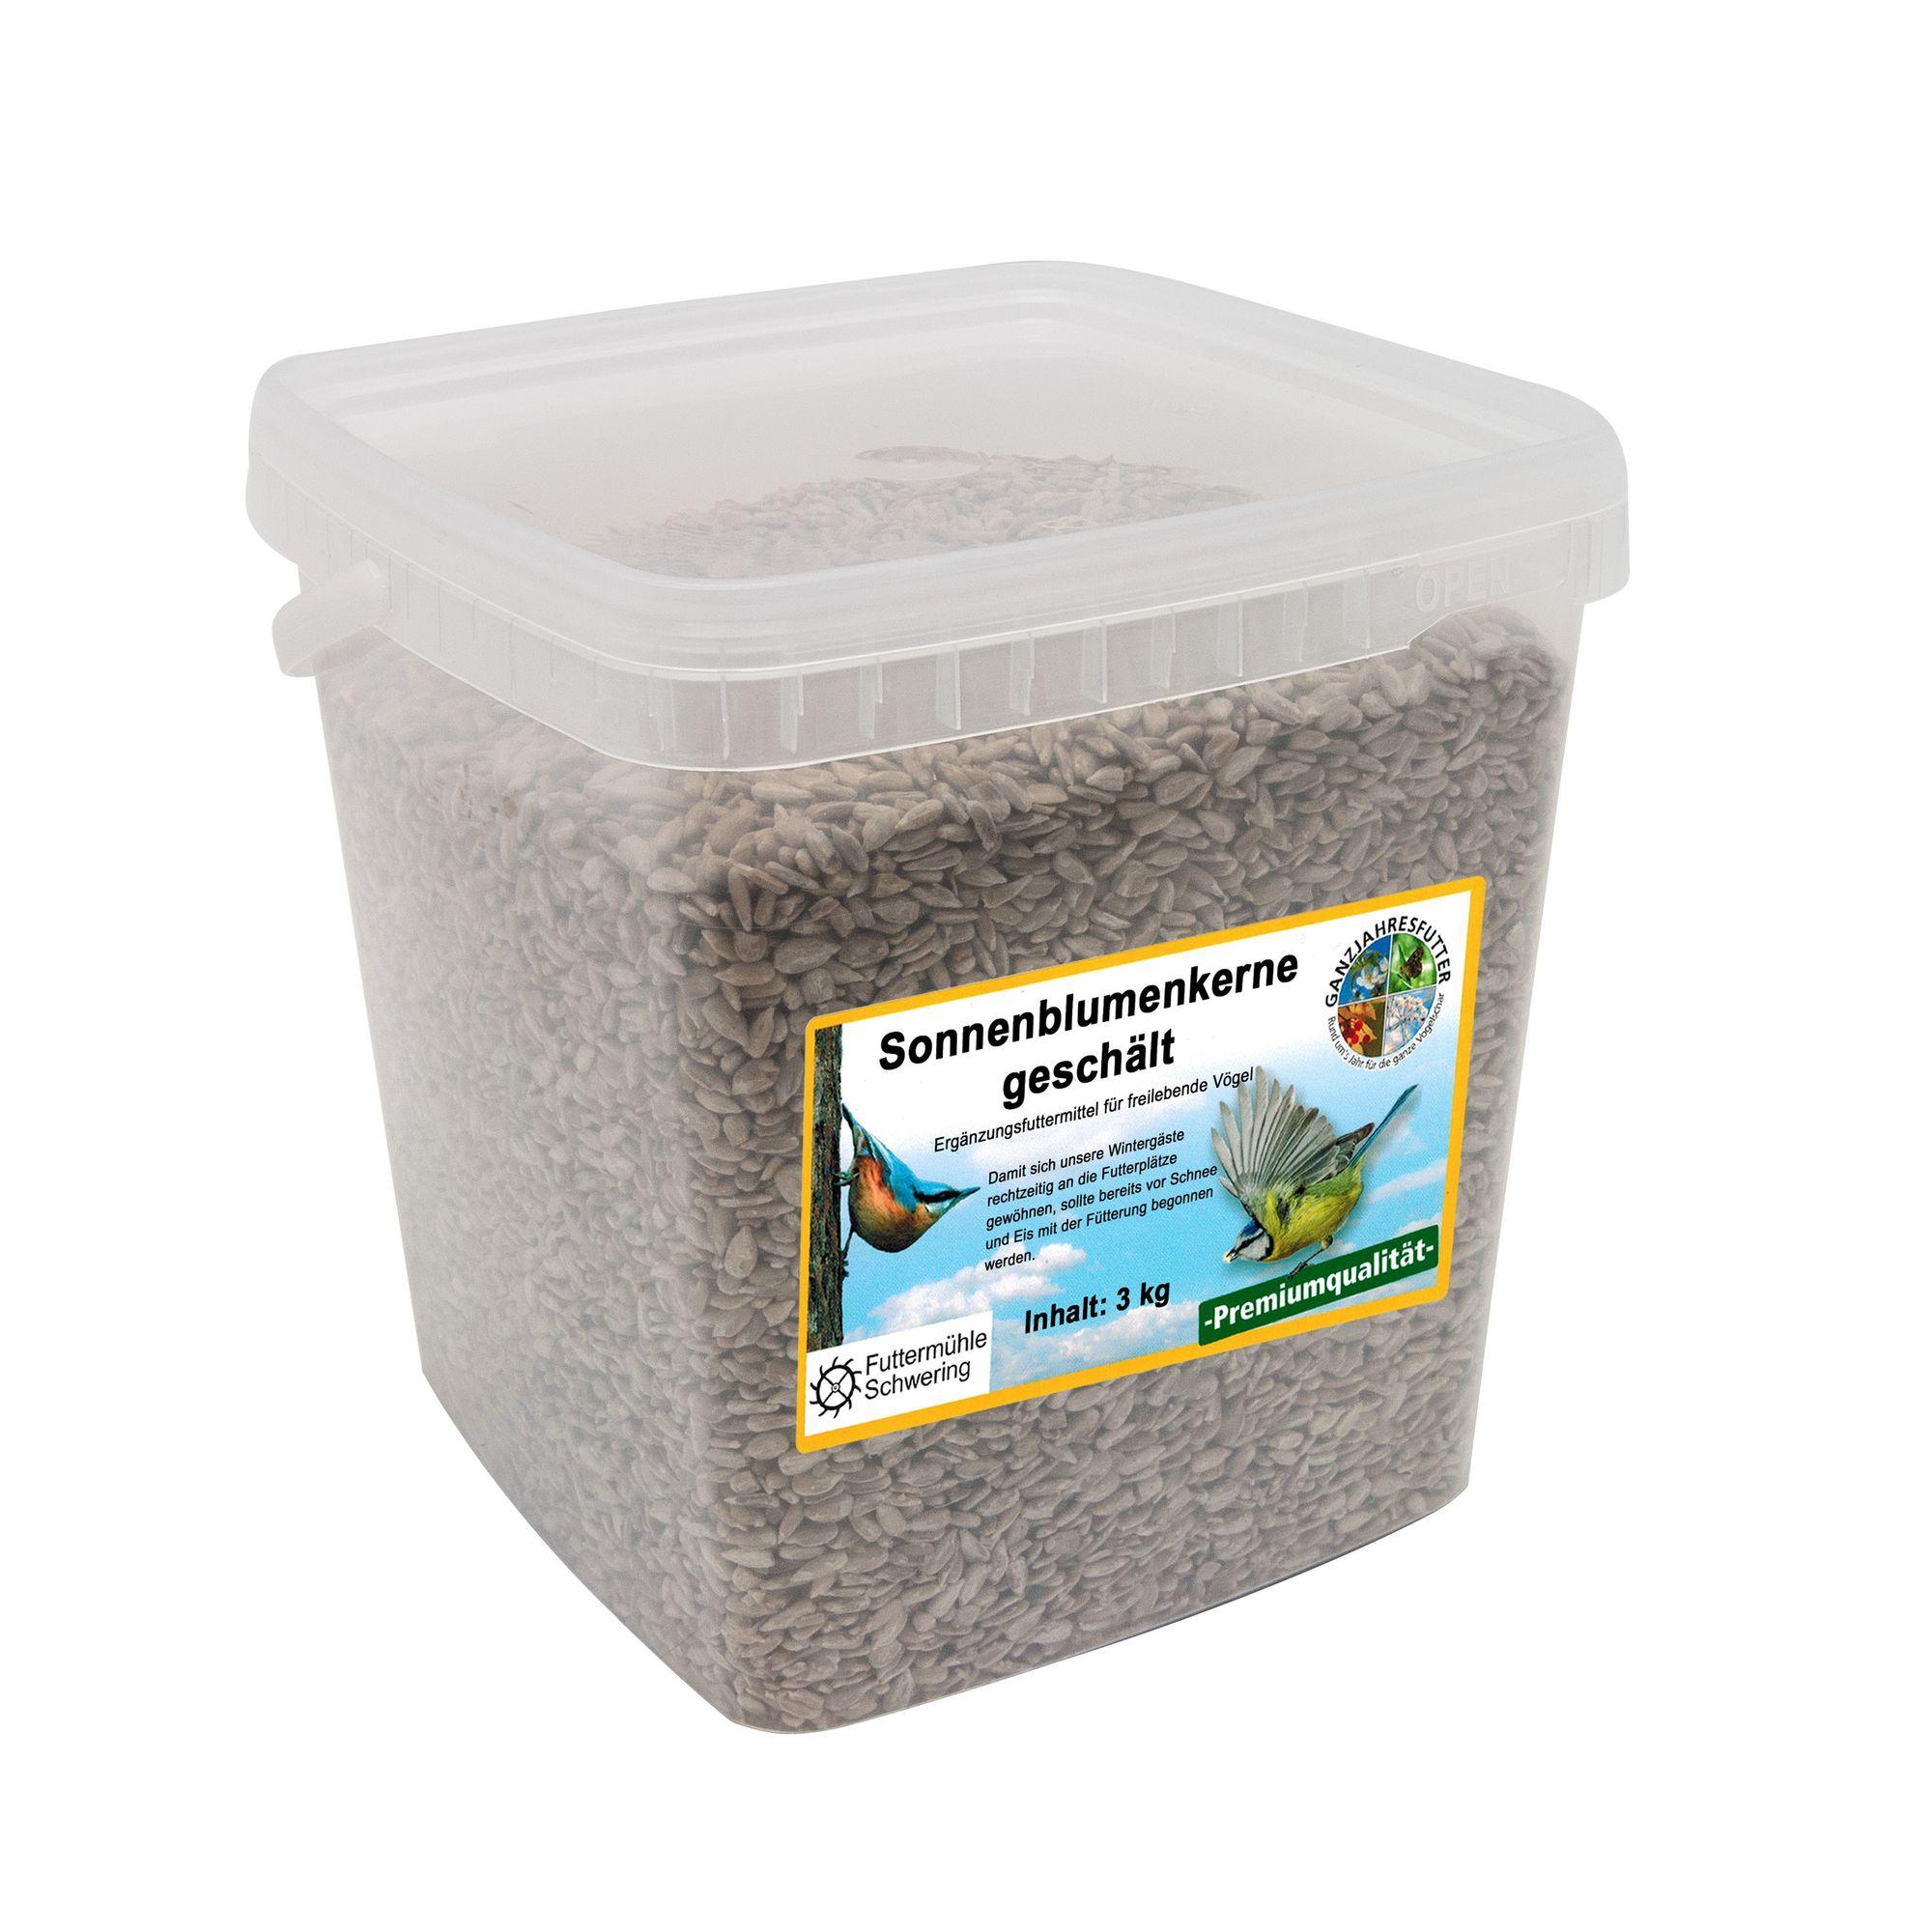 Sonnenblumenkerne, geschält, 3 kg Eimer